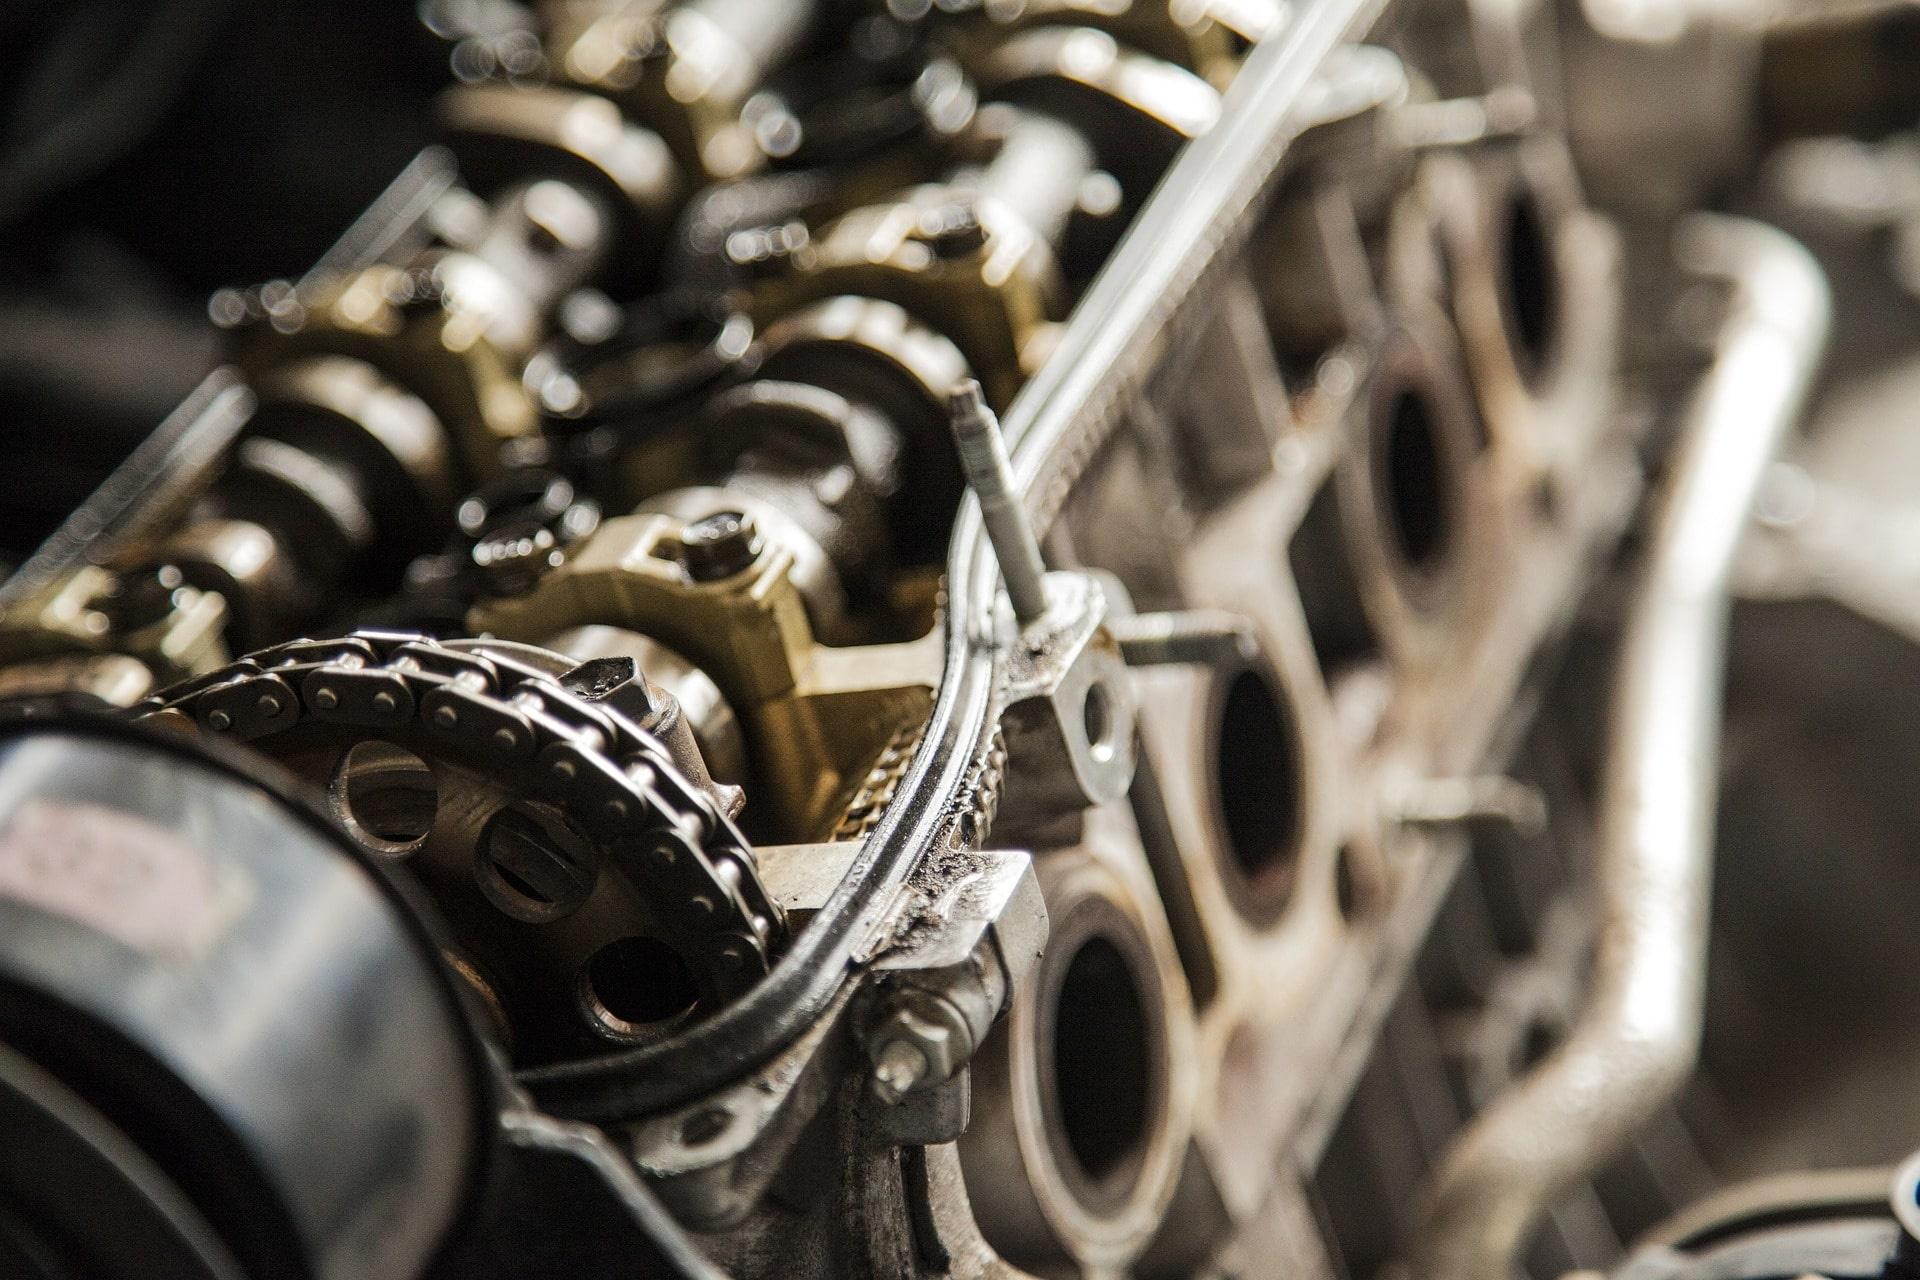 Diesel Engine Fundamentals (Part 2)